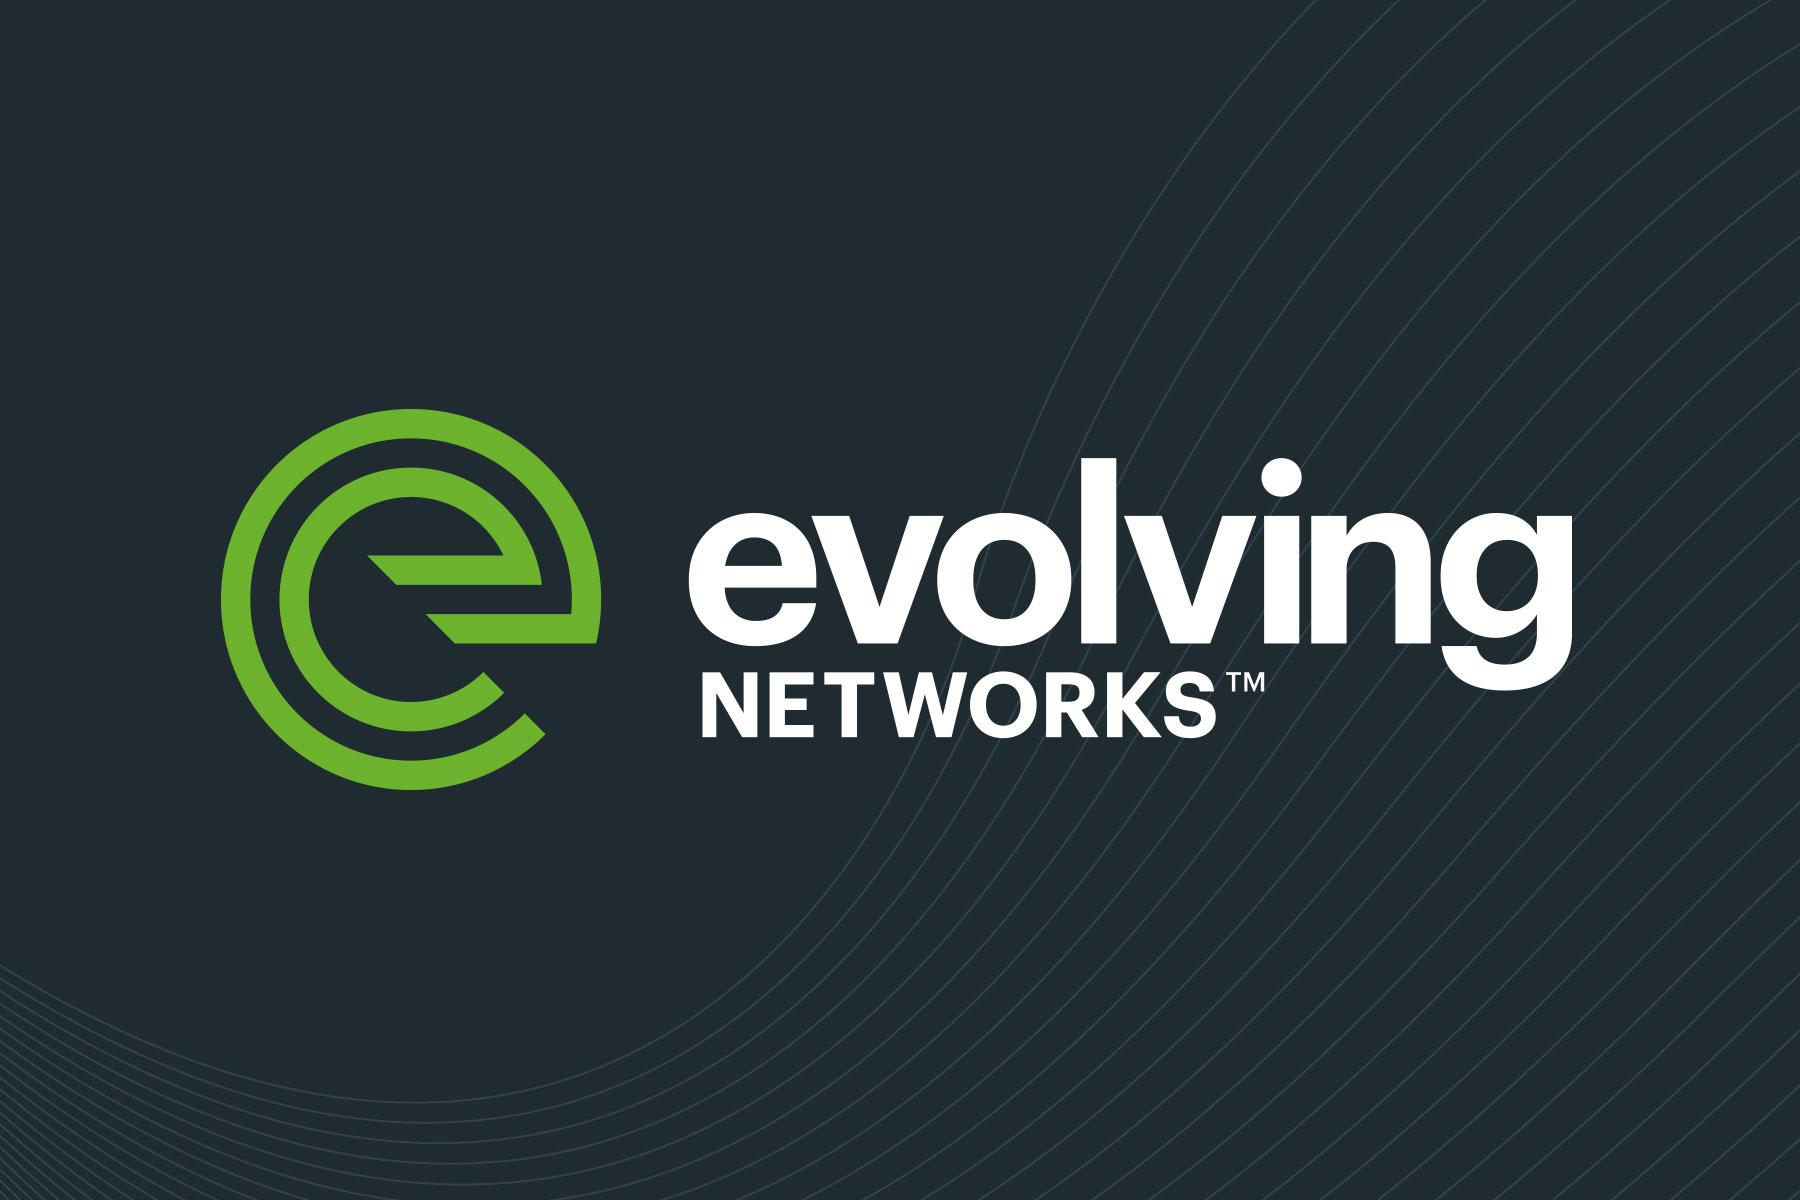 Evolving Networks Branding - Logo